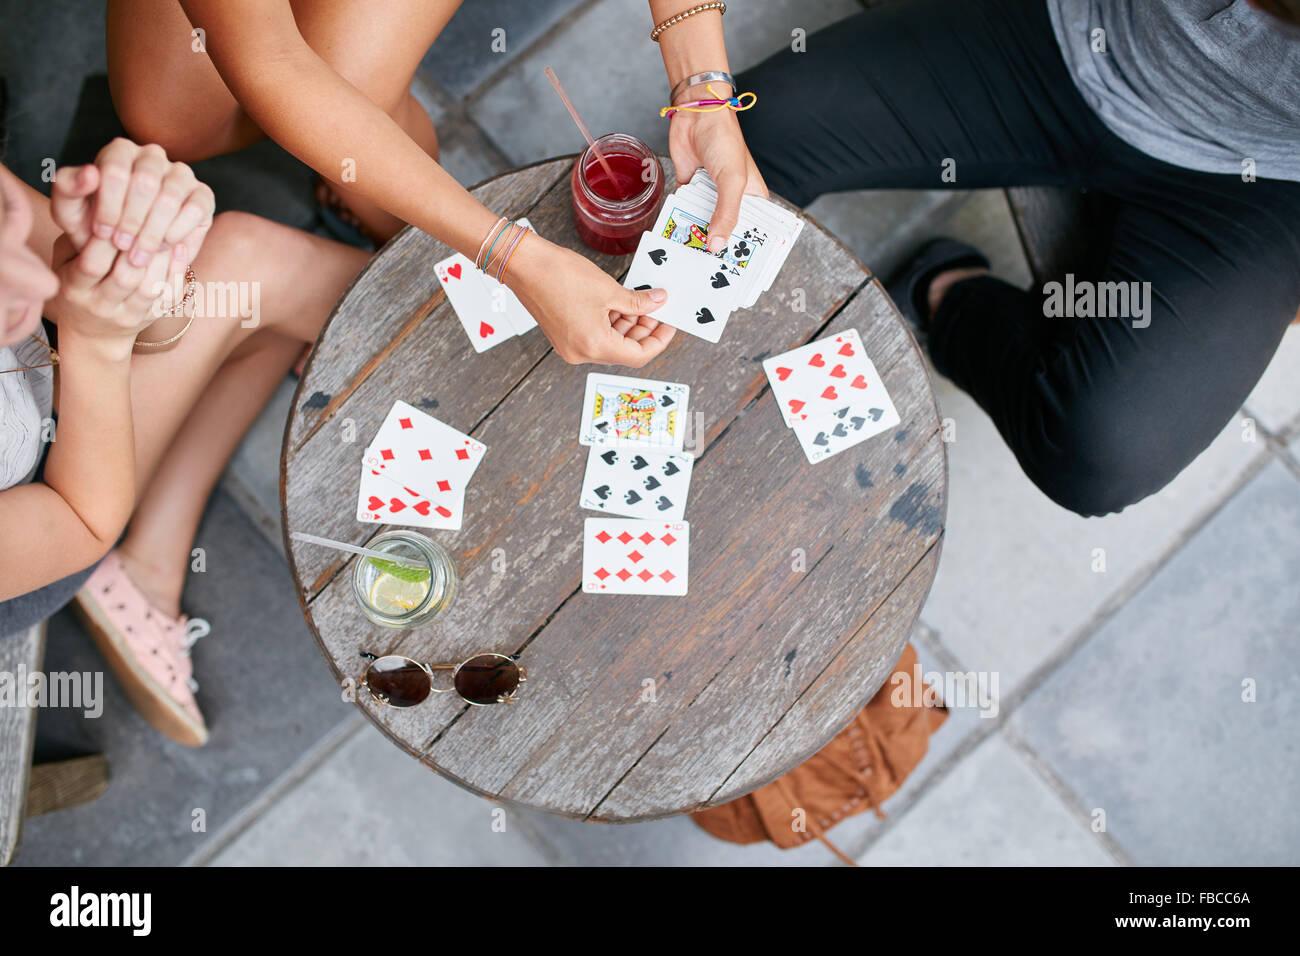 Vista superiore di tre giovani amici giocando a carte presso il cafe. I giovani a giocare gioco di carte presso Foto Stock